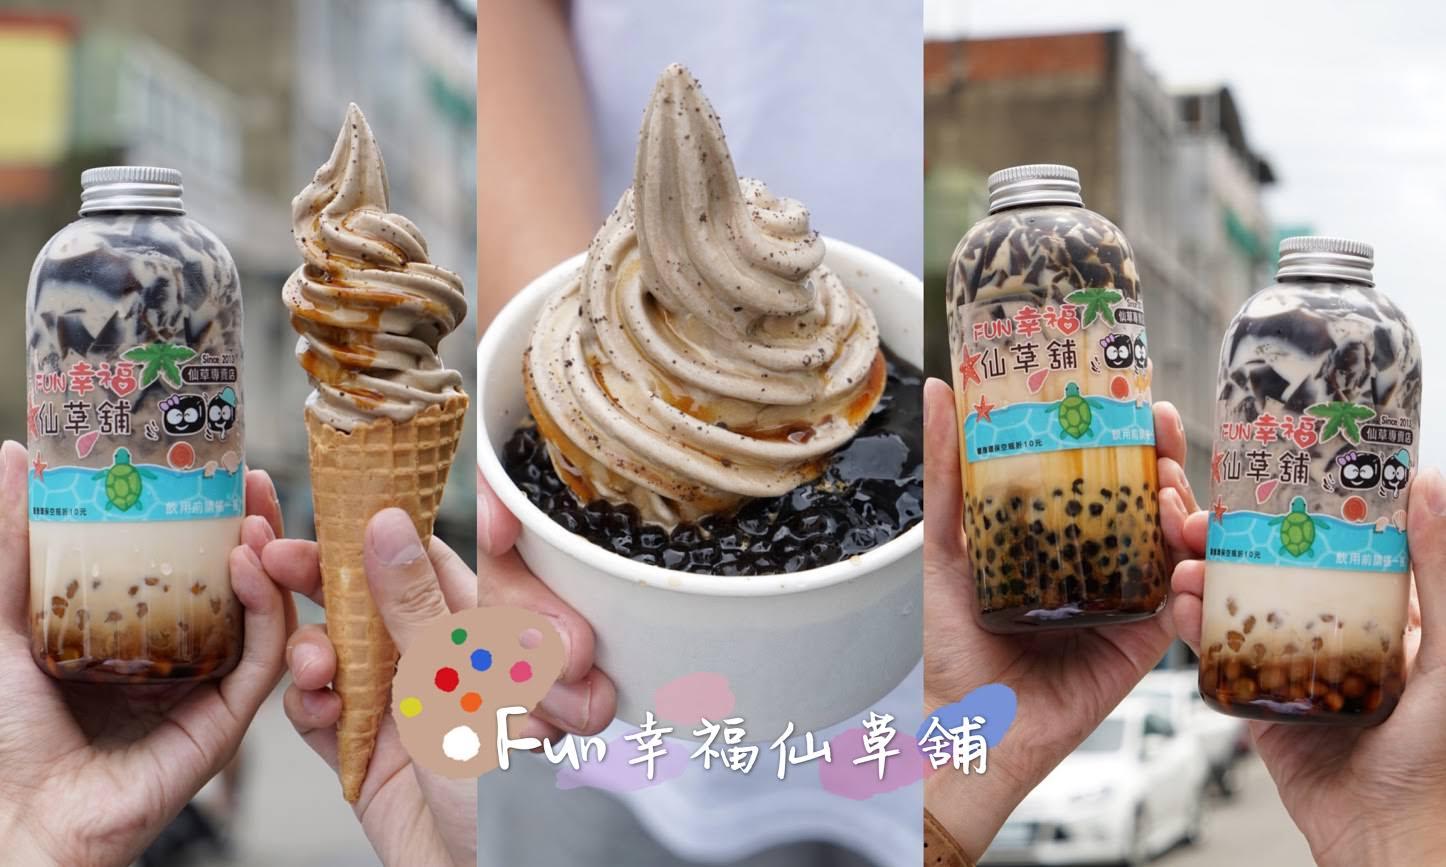 【苗栗頭份】Fun幸福天然手作仙草舖。IG爆紅打卡飲料。推薦新品『仙草霜淇淋』給各位,快來一支消暑吧!